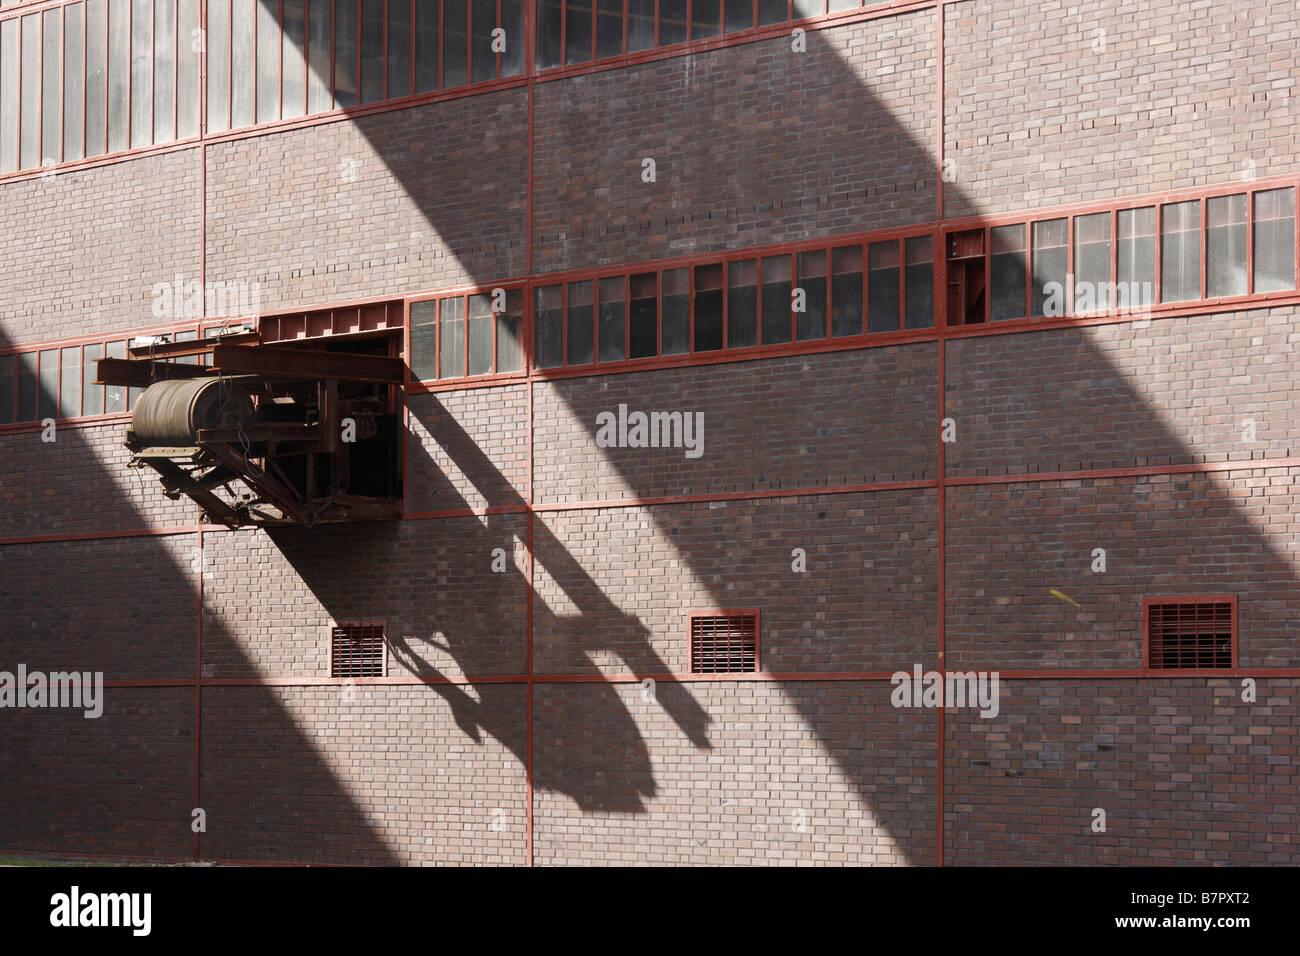 Essen, Zeche Zollverein, Schacht XII, Detail der Kohlenwäsche - Stock Image